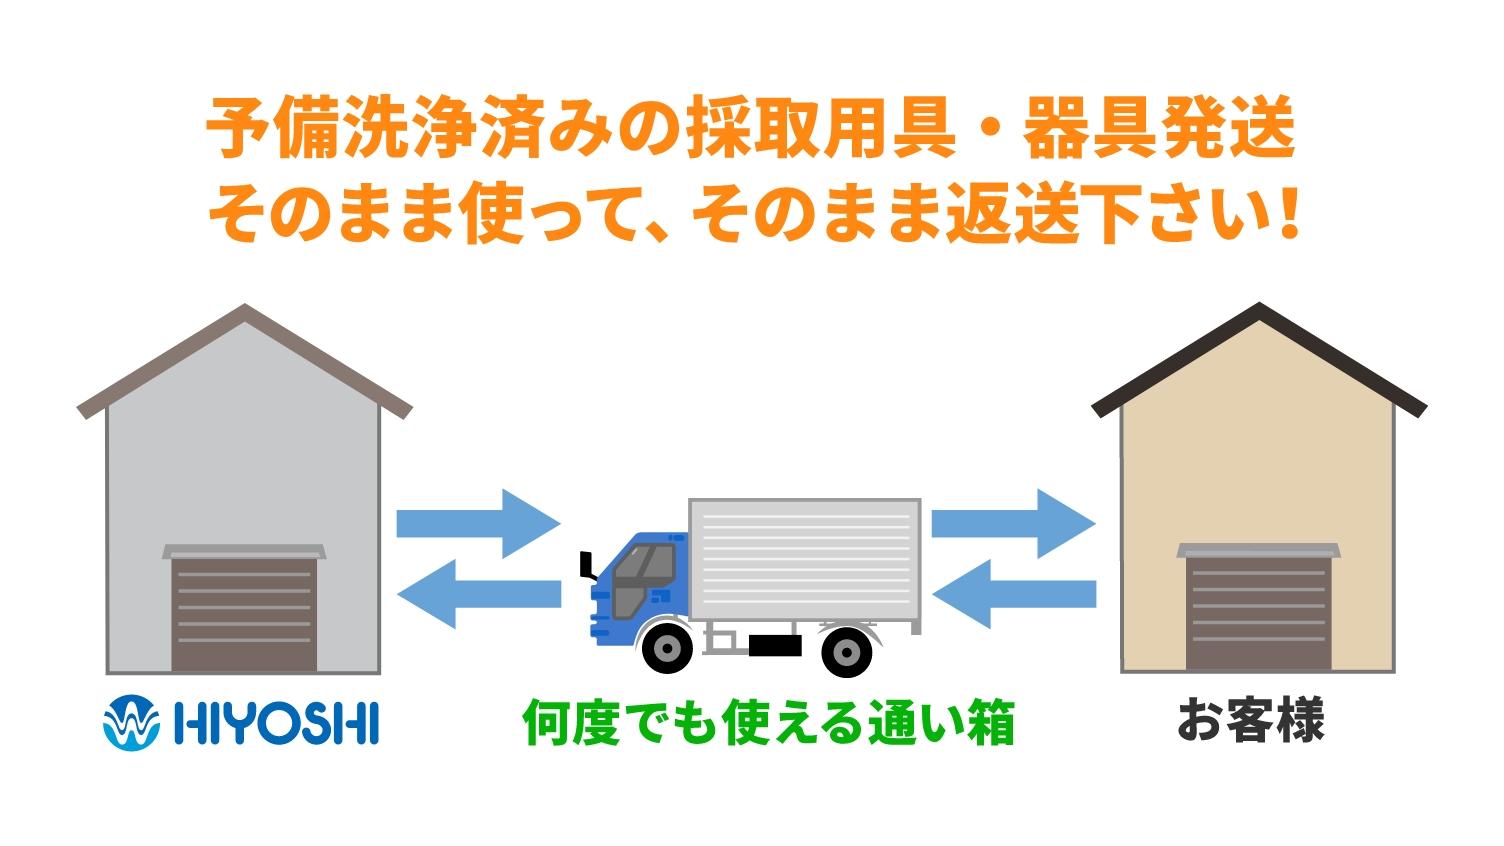 予備洗浄済みの採取用具・器具発送 そのまま使って、そのまま返送下さい